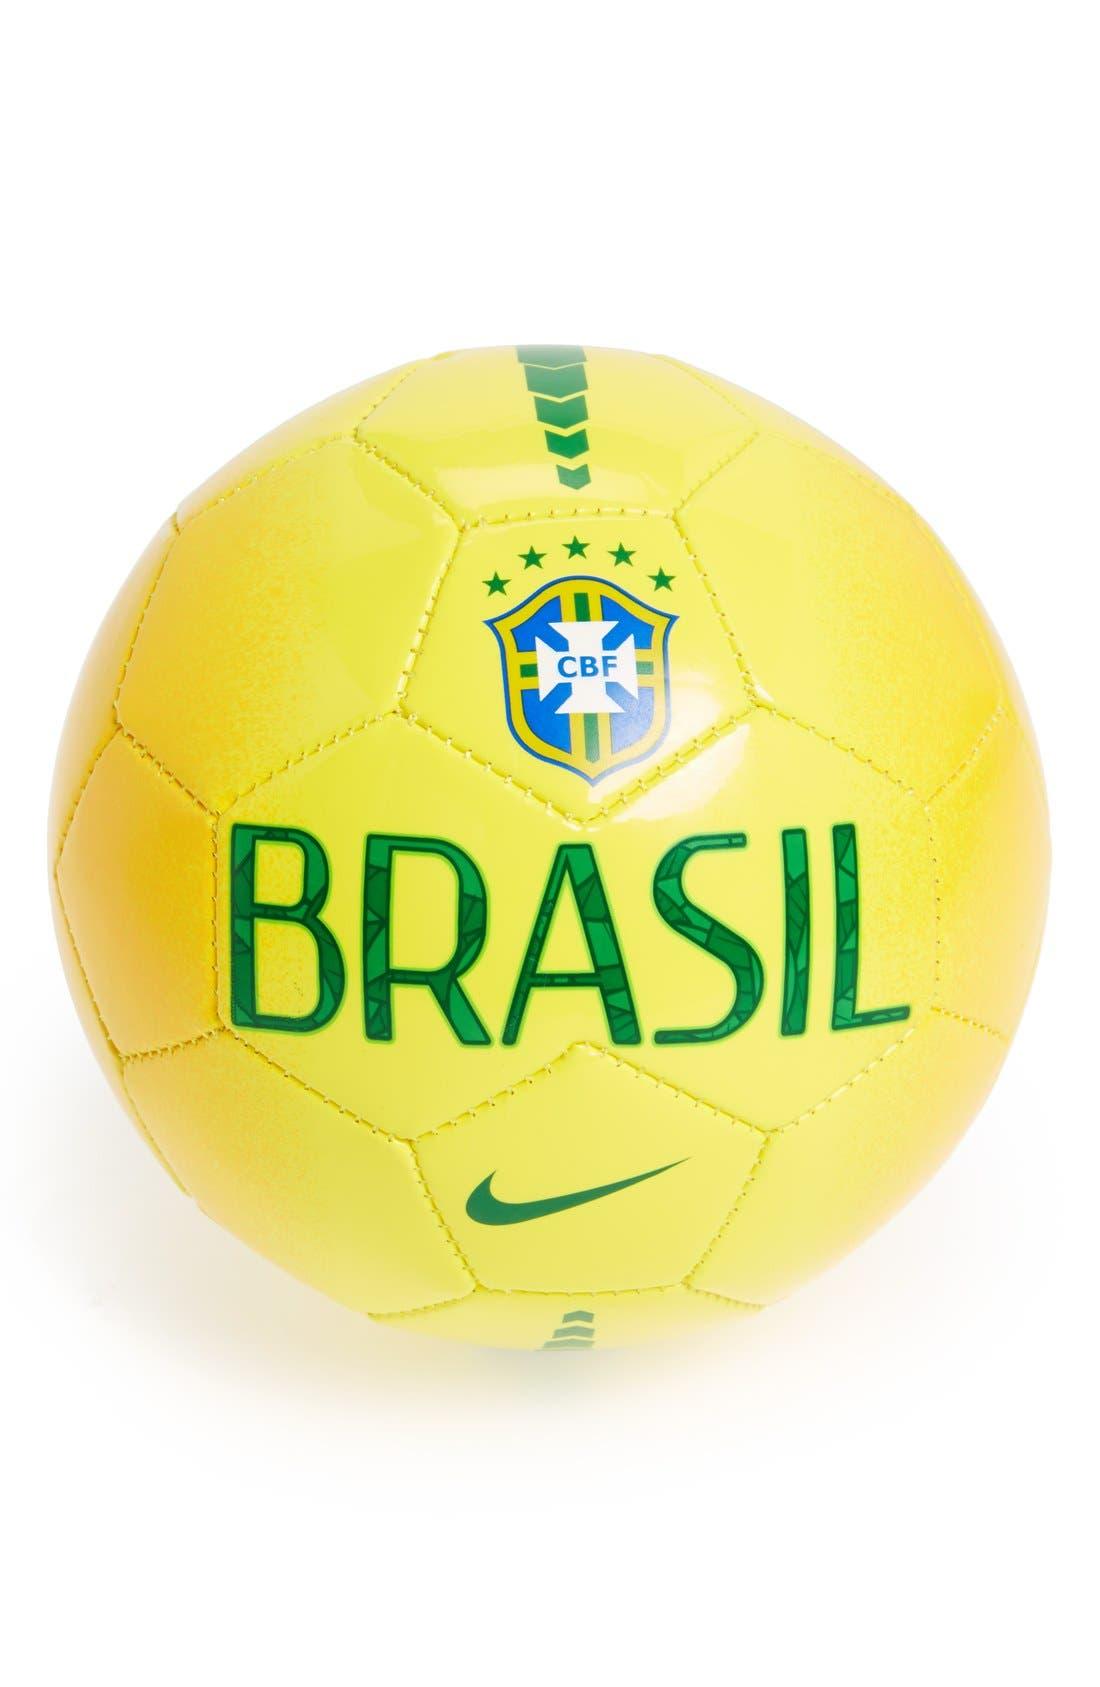 Alternate Image 1 Selected - Nike 'Brasil Skills' Small Soccer Ball